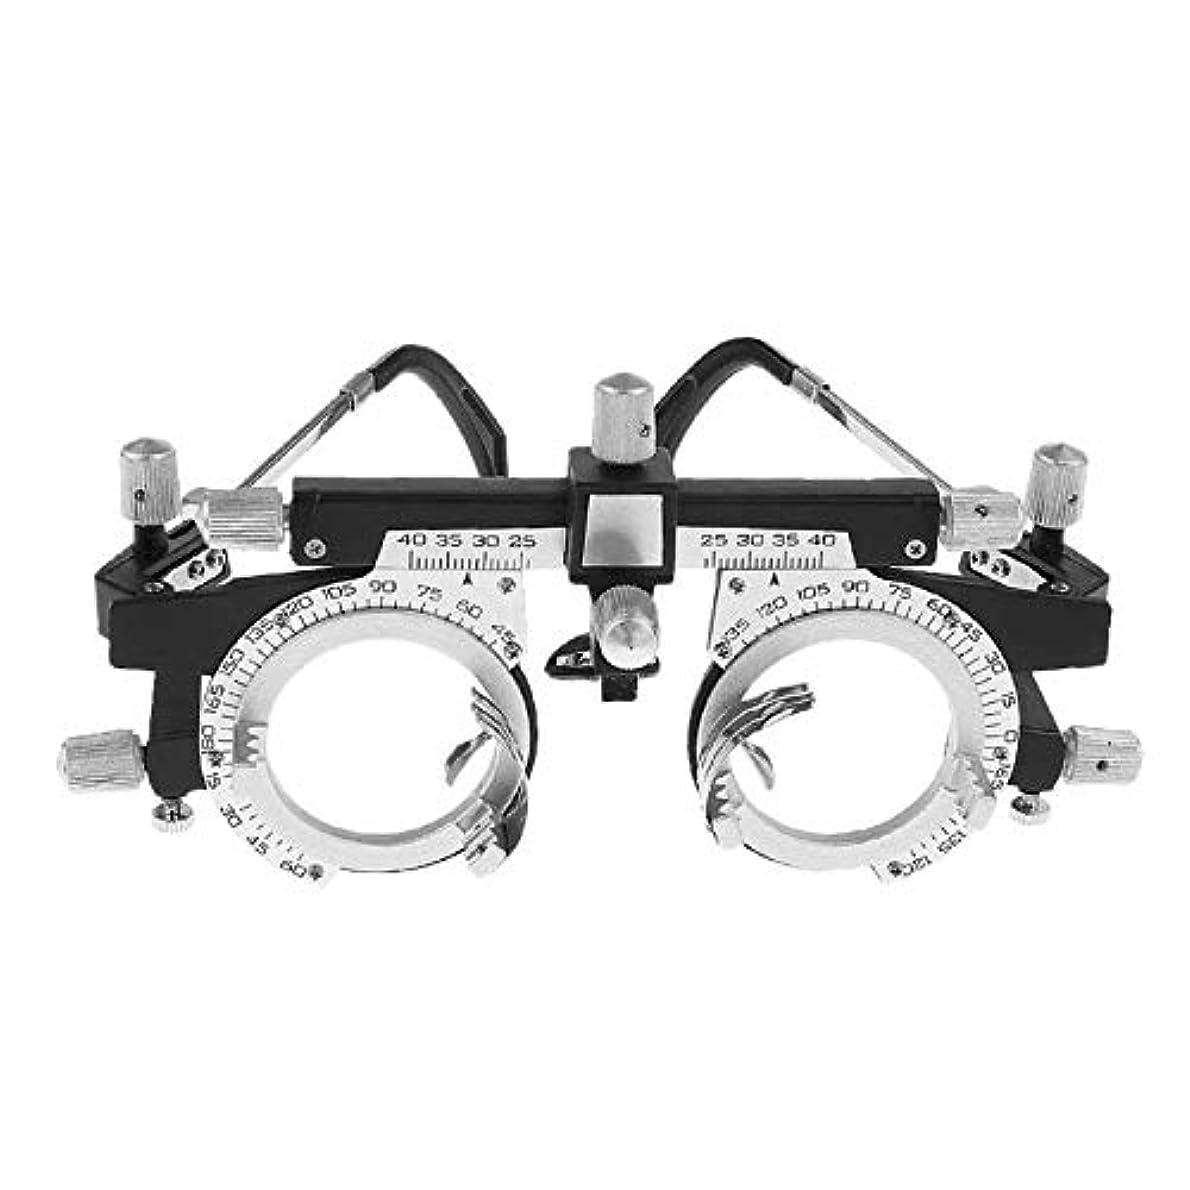 いつかクリスチャントンネル調整可能なプロフェッショナルアイウェア検眼メタルフレーム光学眼鏡眼鏡トライアルレンズメタルフレームPD眼鏡アクセサリー-シルバー&ブラック